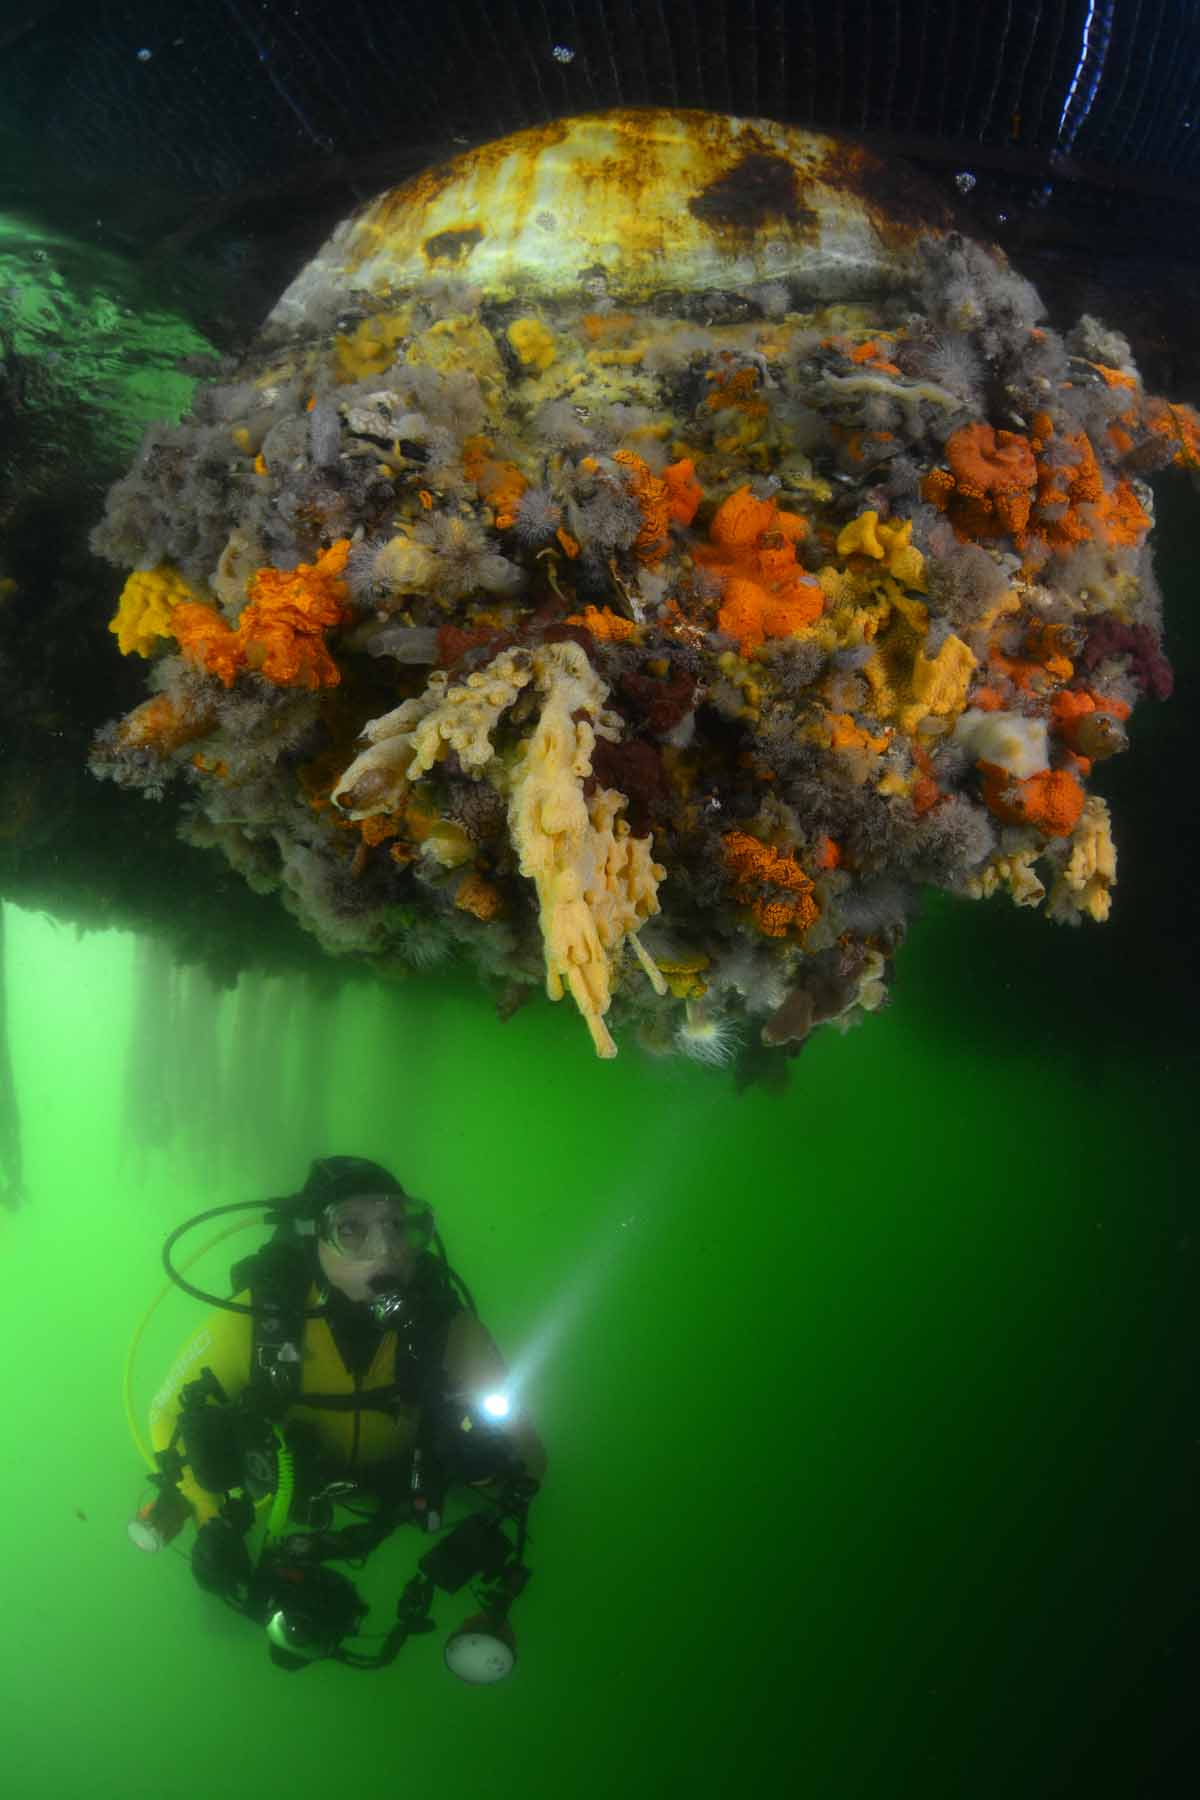 Filip Staes - Goud - ONK - Groothoek met duiker